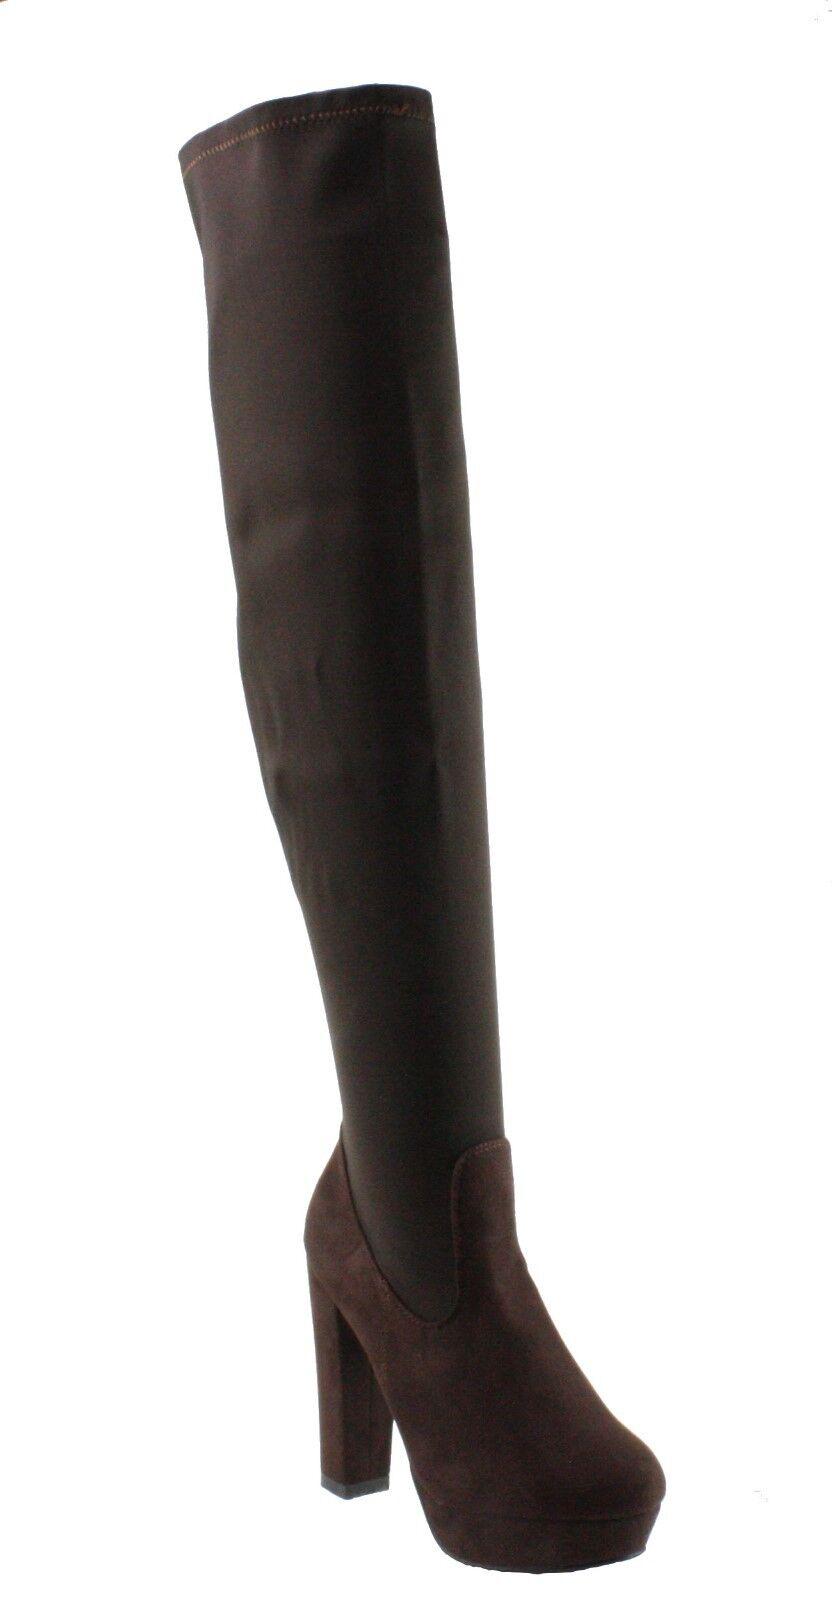 Refresh Rihana-01 Strechy Shaft Platform Block High Heel Over the Knee Boots